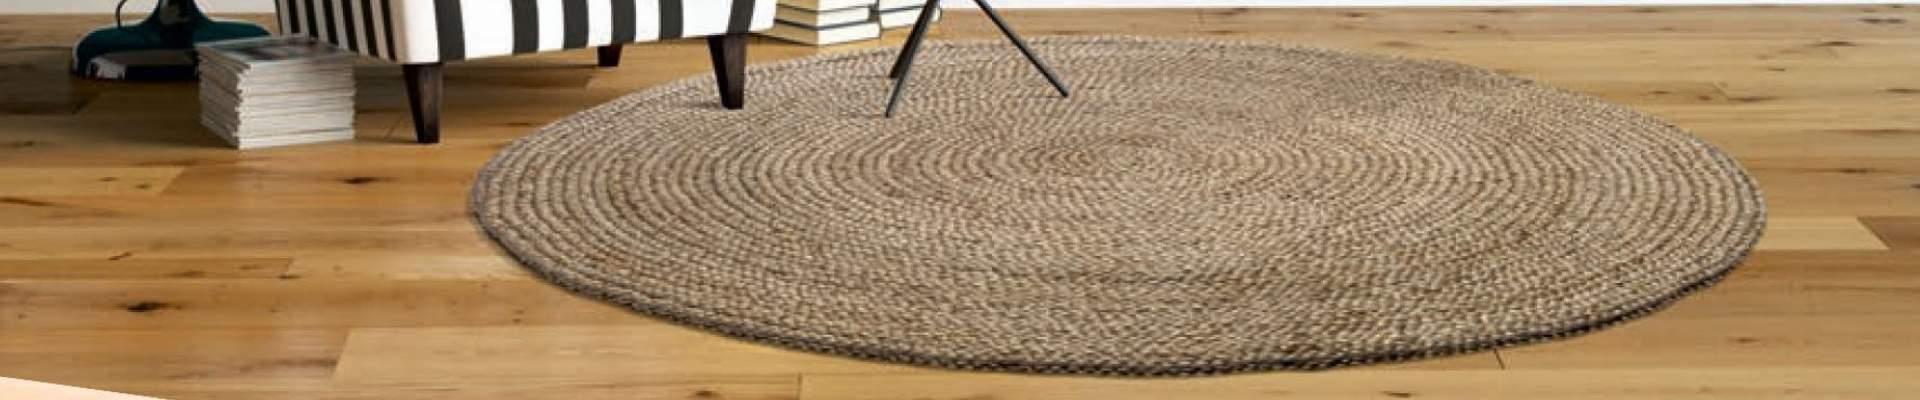 שטיח עגול לחדר ילדים